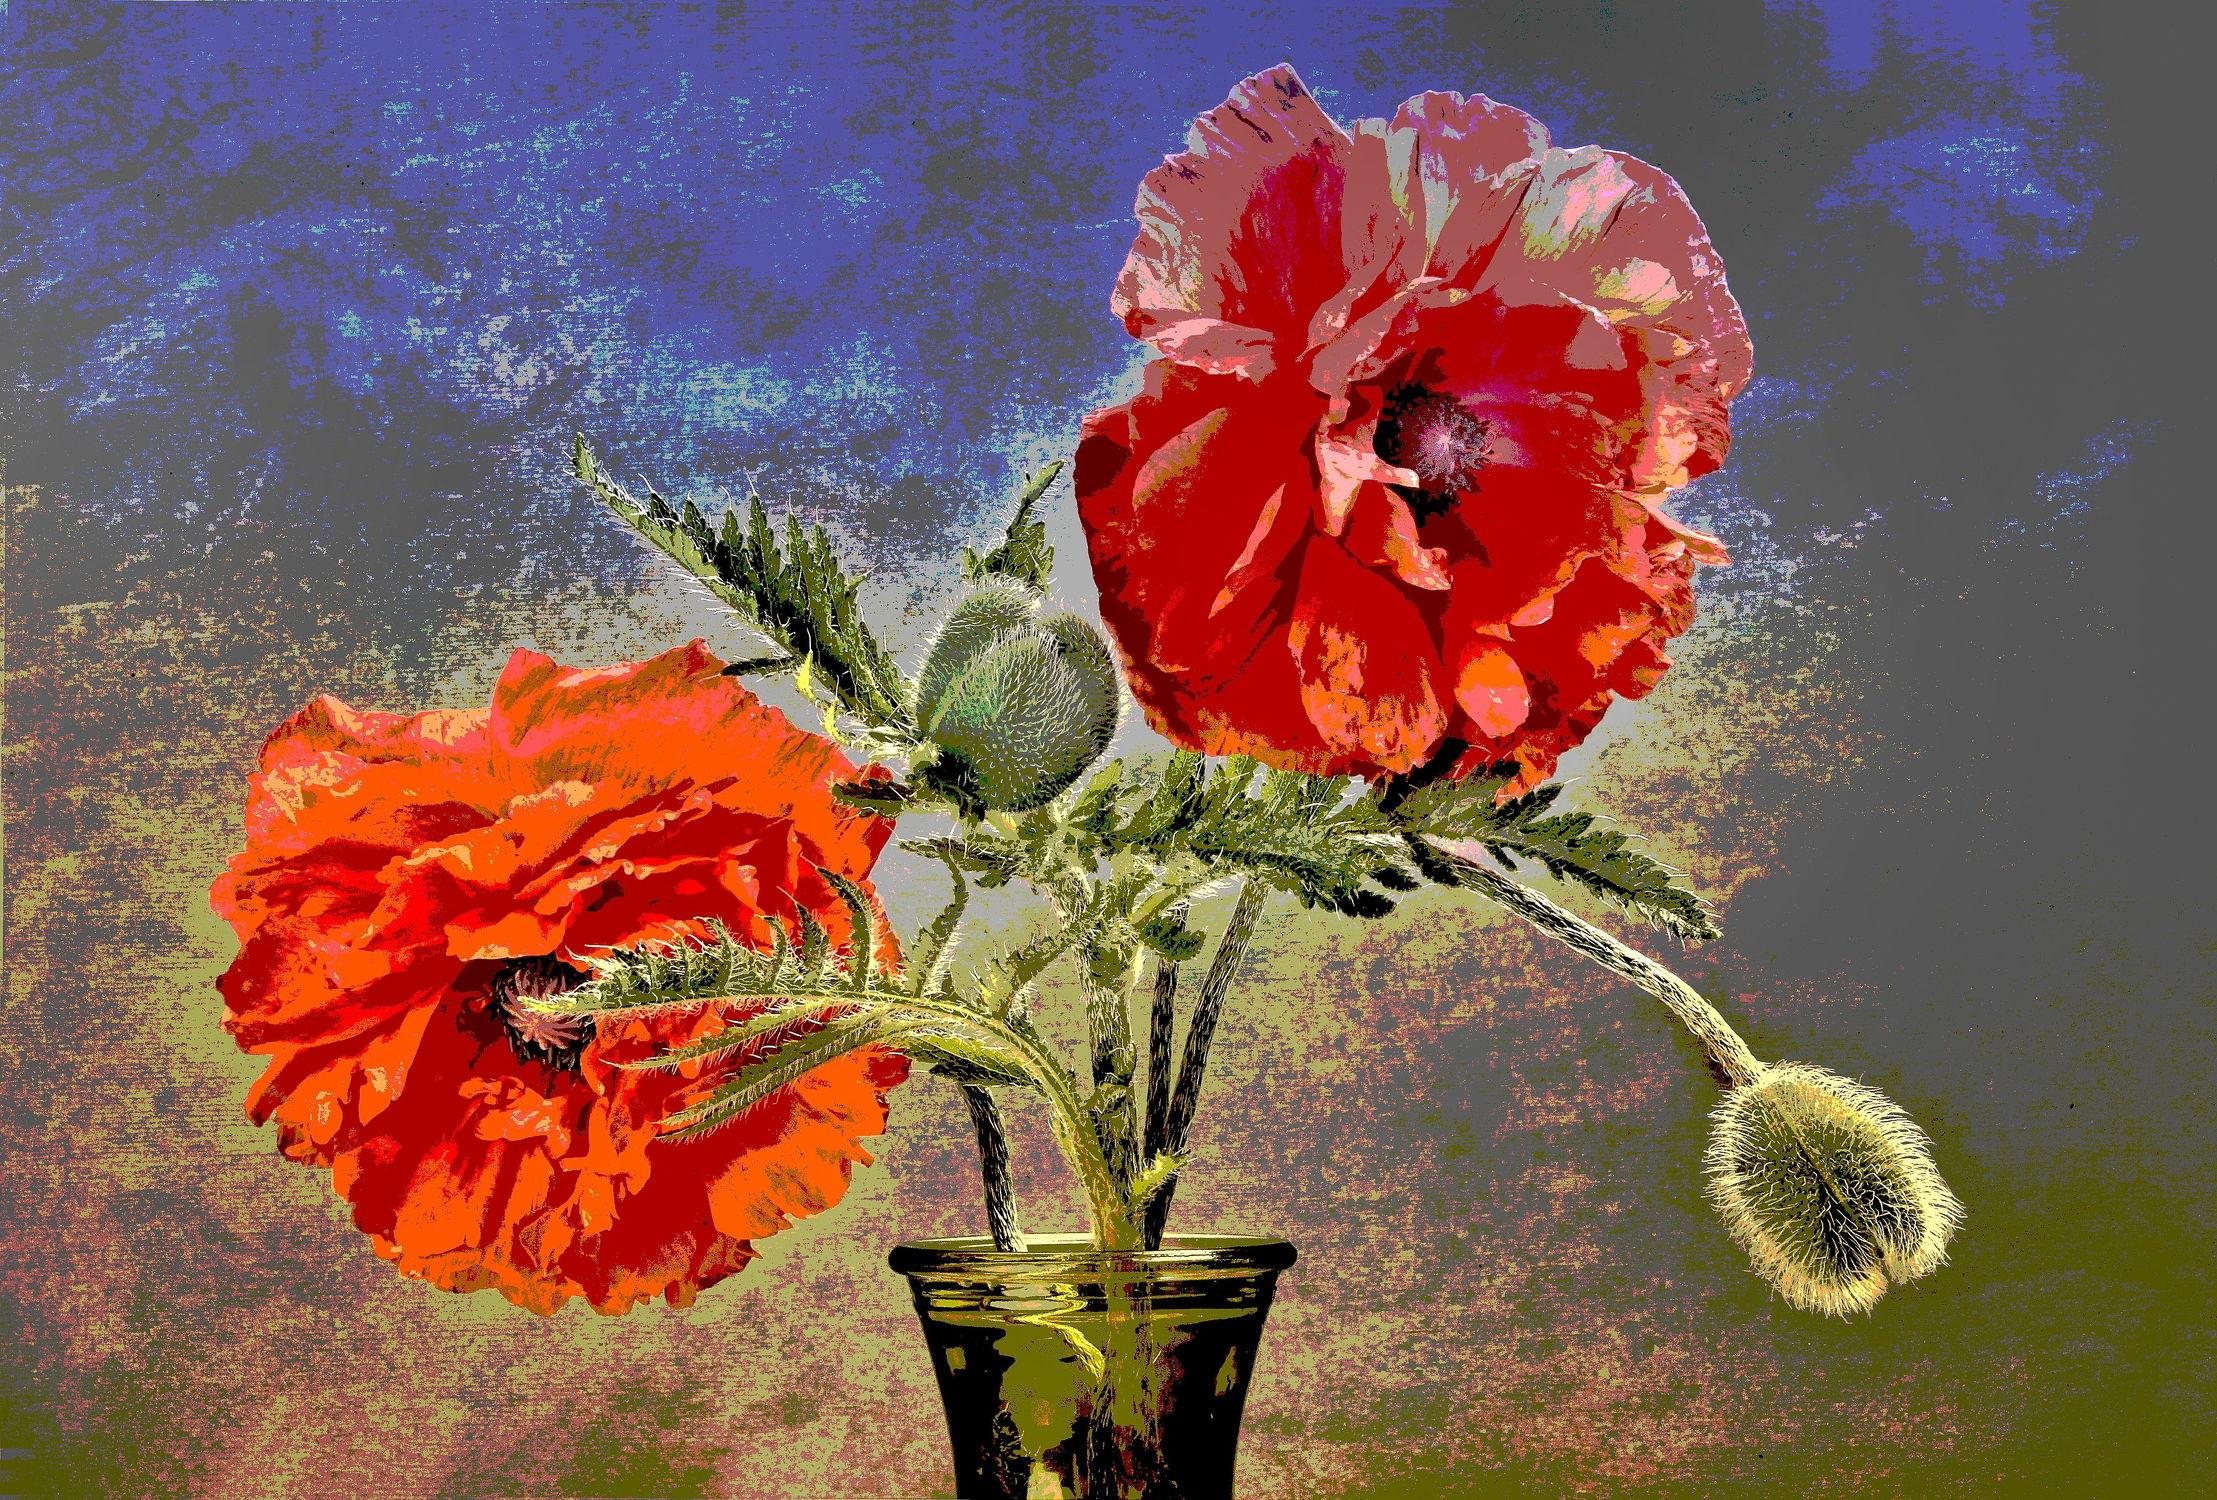 Bild mit Mohnblume, Mohneblumen, Zeichnung von Mohnblumen, Illustration Mohnblumen, Blumenvase